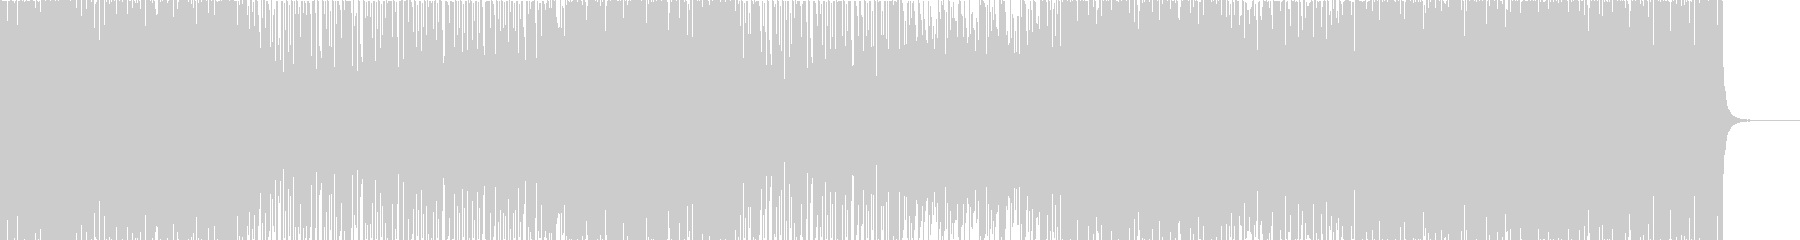 アッパーなディスコハウス。の未再生の波形